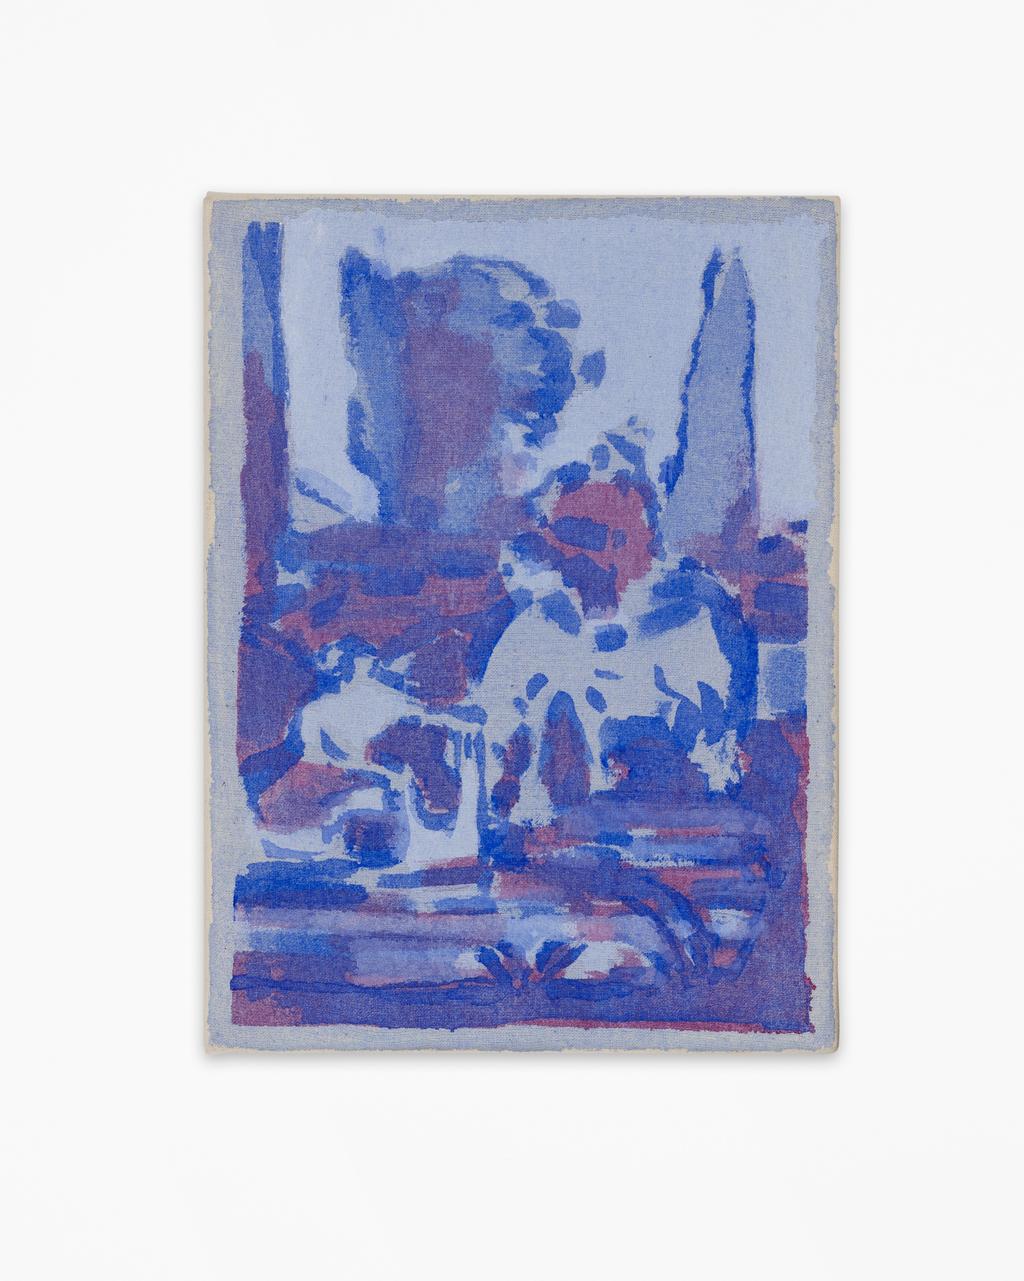 """© Cosima zu Knyphausen, El Gran Cuadro (donde el huaso dice """"¿con que lavando?"""", ante lo que la lavandera responde ingenuamente: """"y con jabón""""), 2017, Photo: graysc.de"""